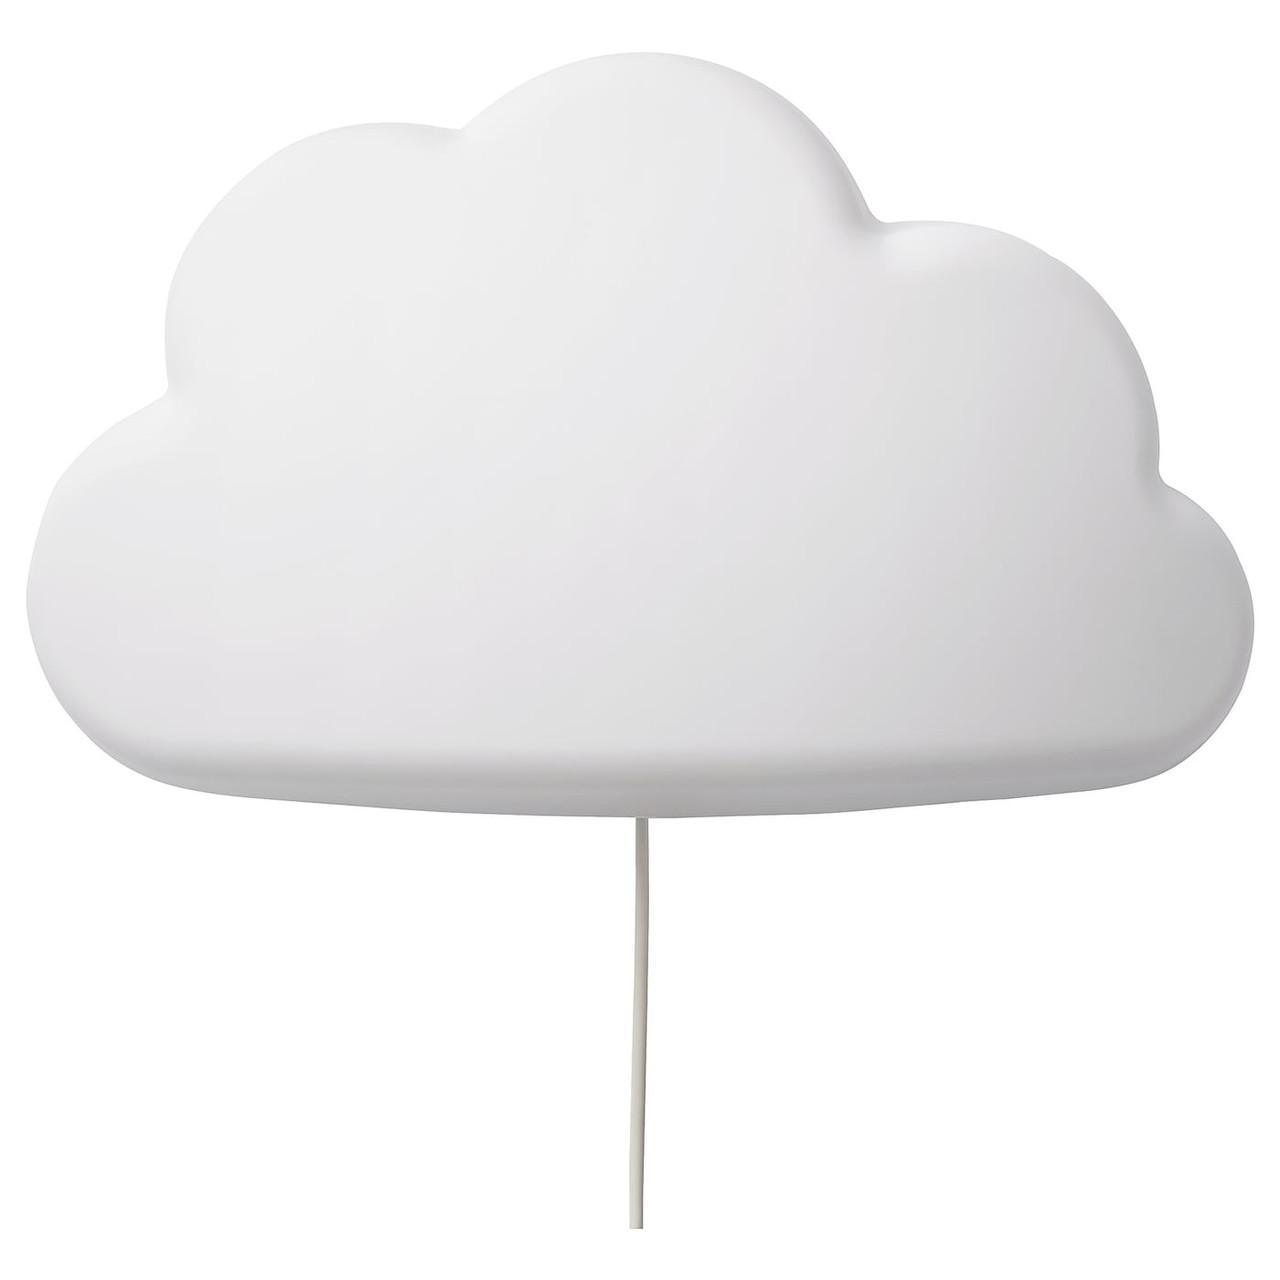 Бра светодиодный IKEA UPPLYST белое облако 304.245.16